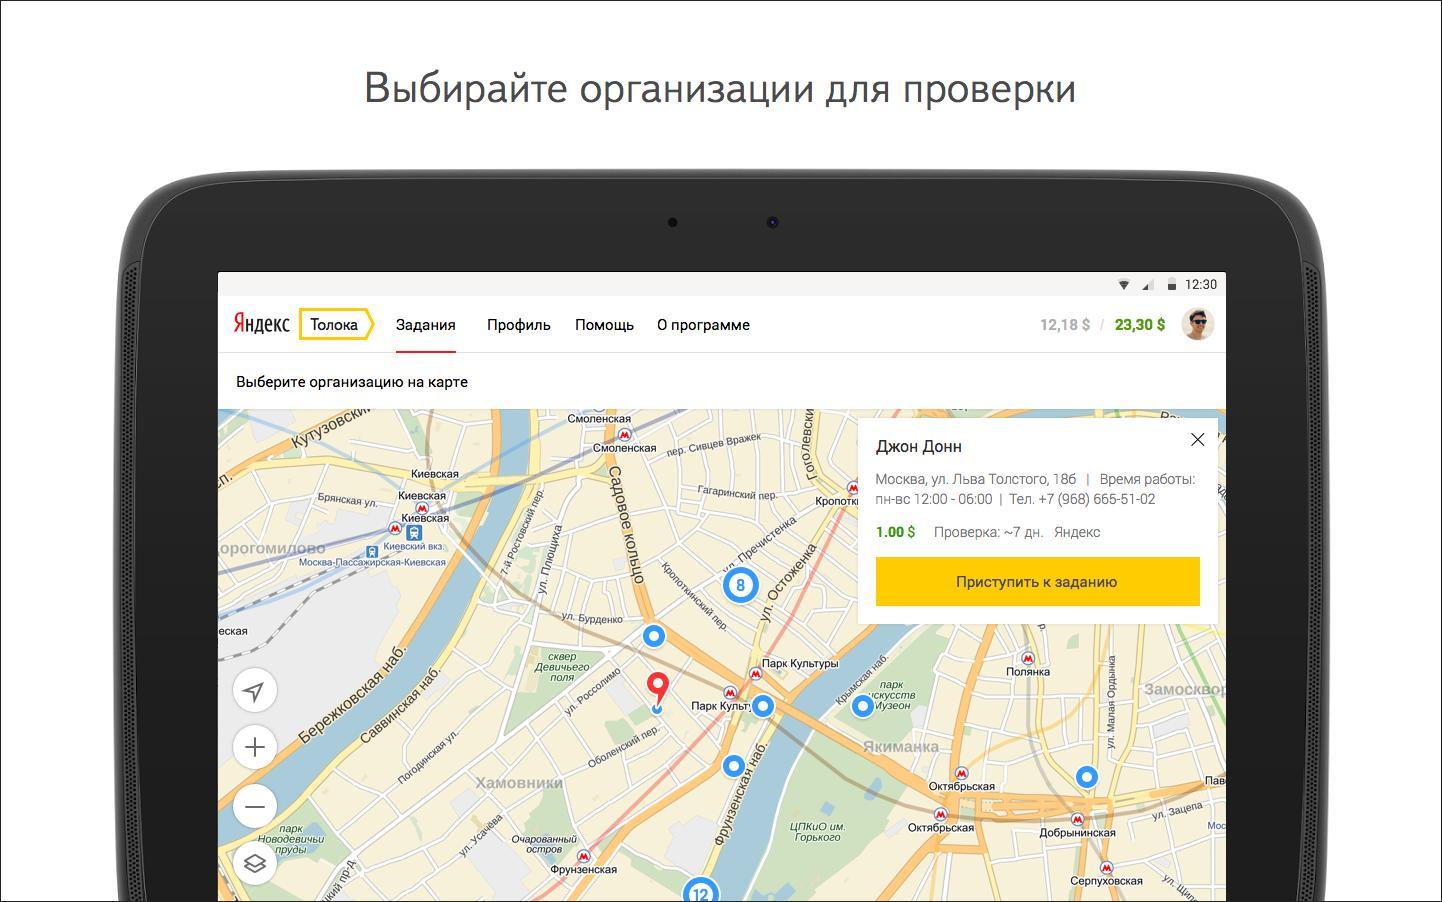 Как зарабатывать онлайн: Яндекс.Толока